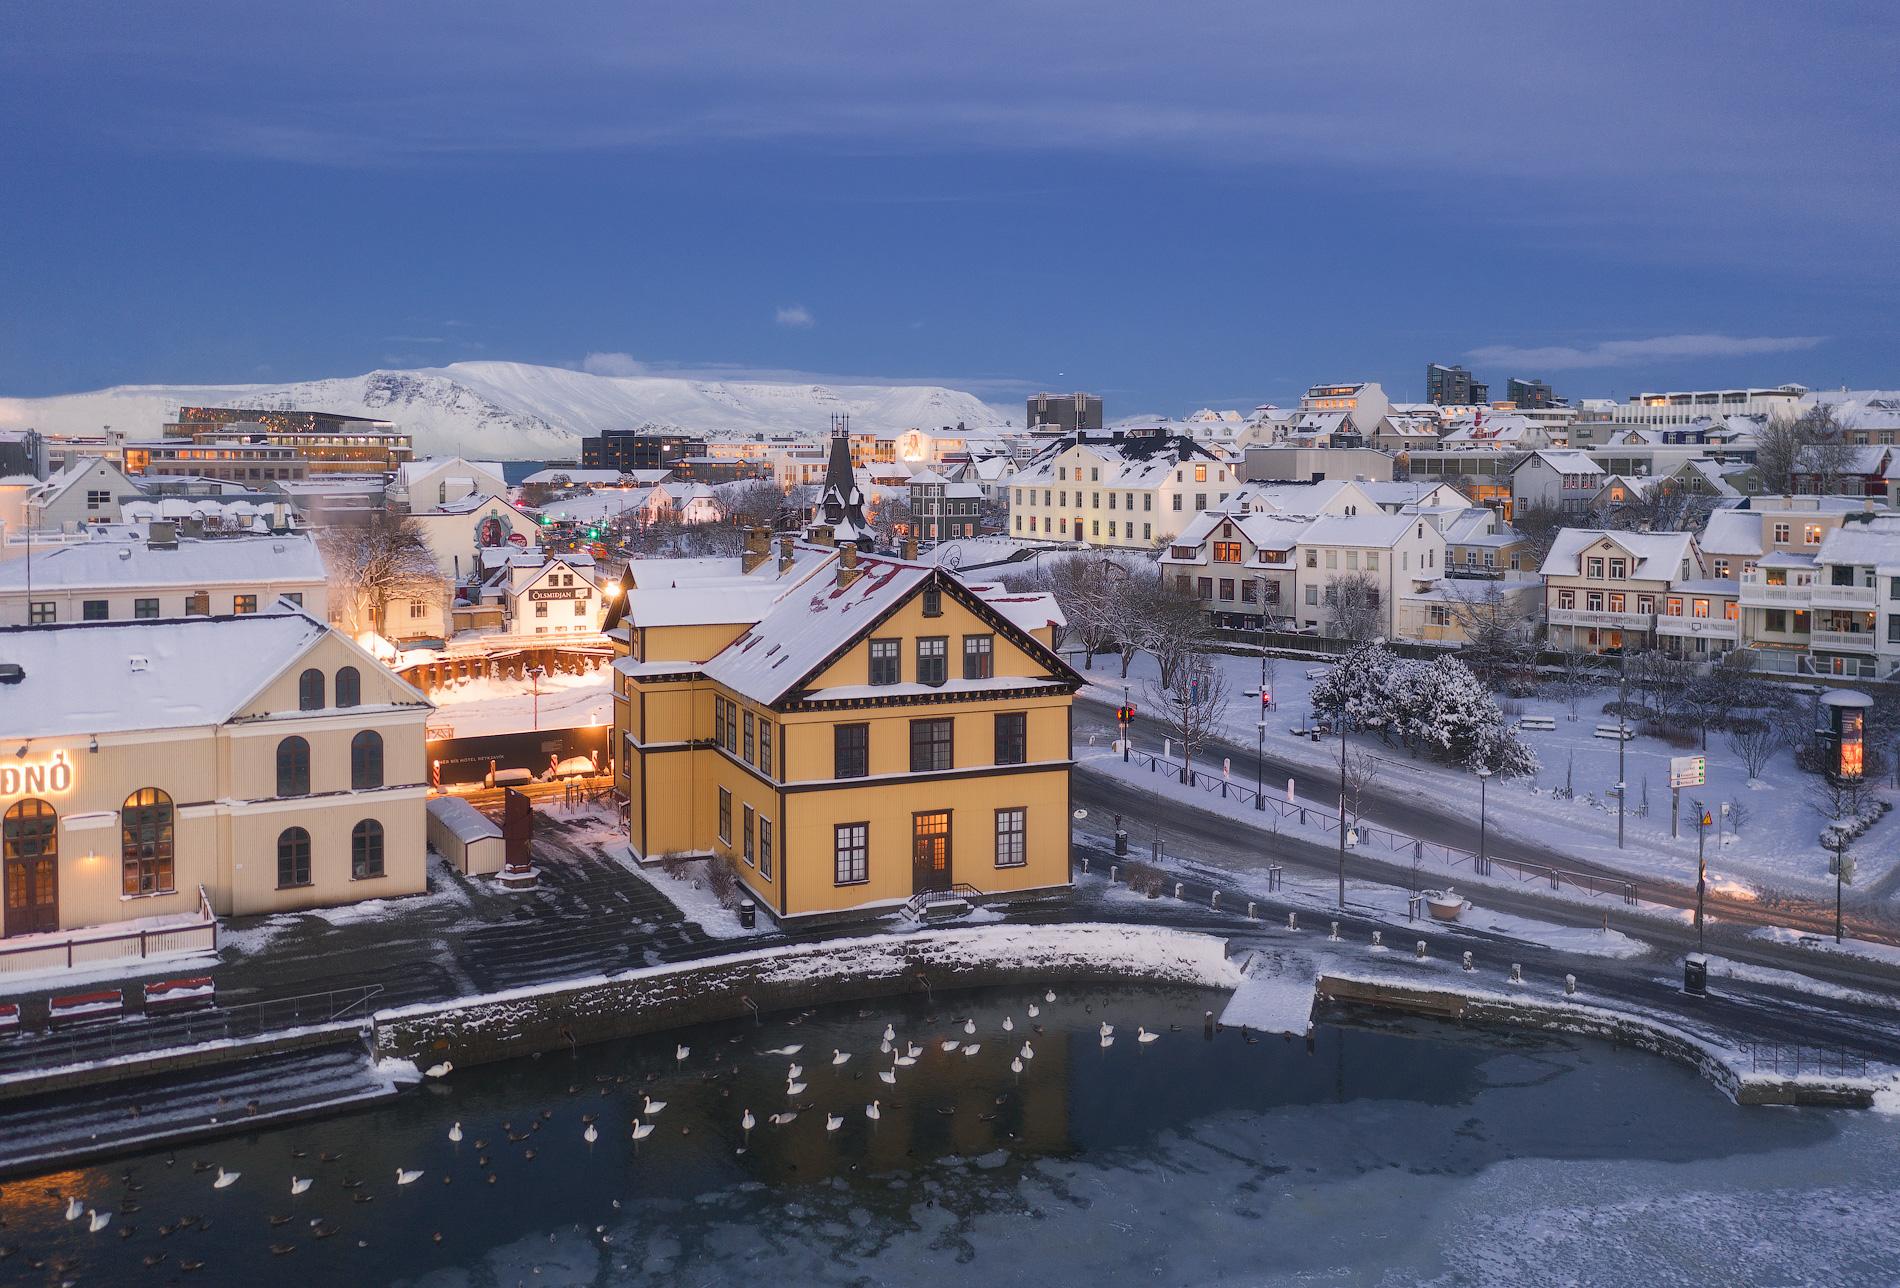 Taller de fotografía completo de dos semanas en Islandia en invierno - day 14